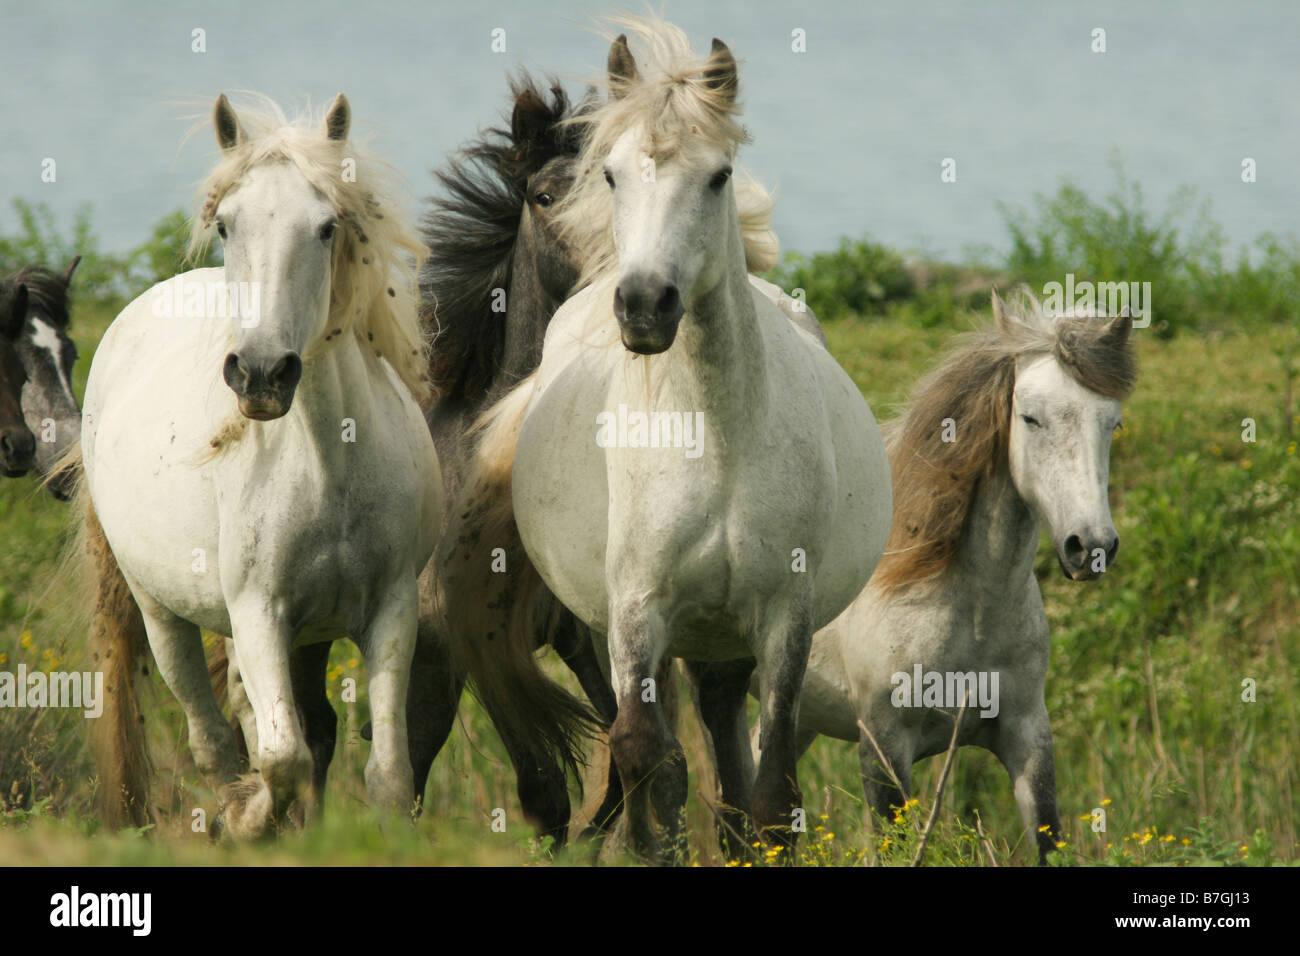 Pferde, Hengst, Huftiere, Säugetiere, Bewegung Stockbild